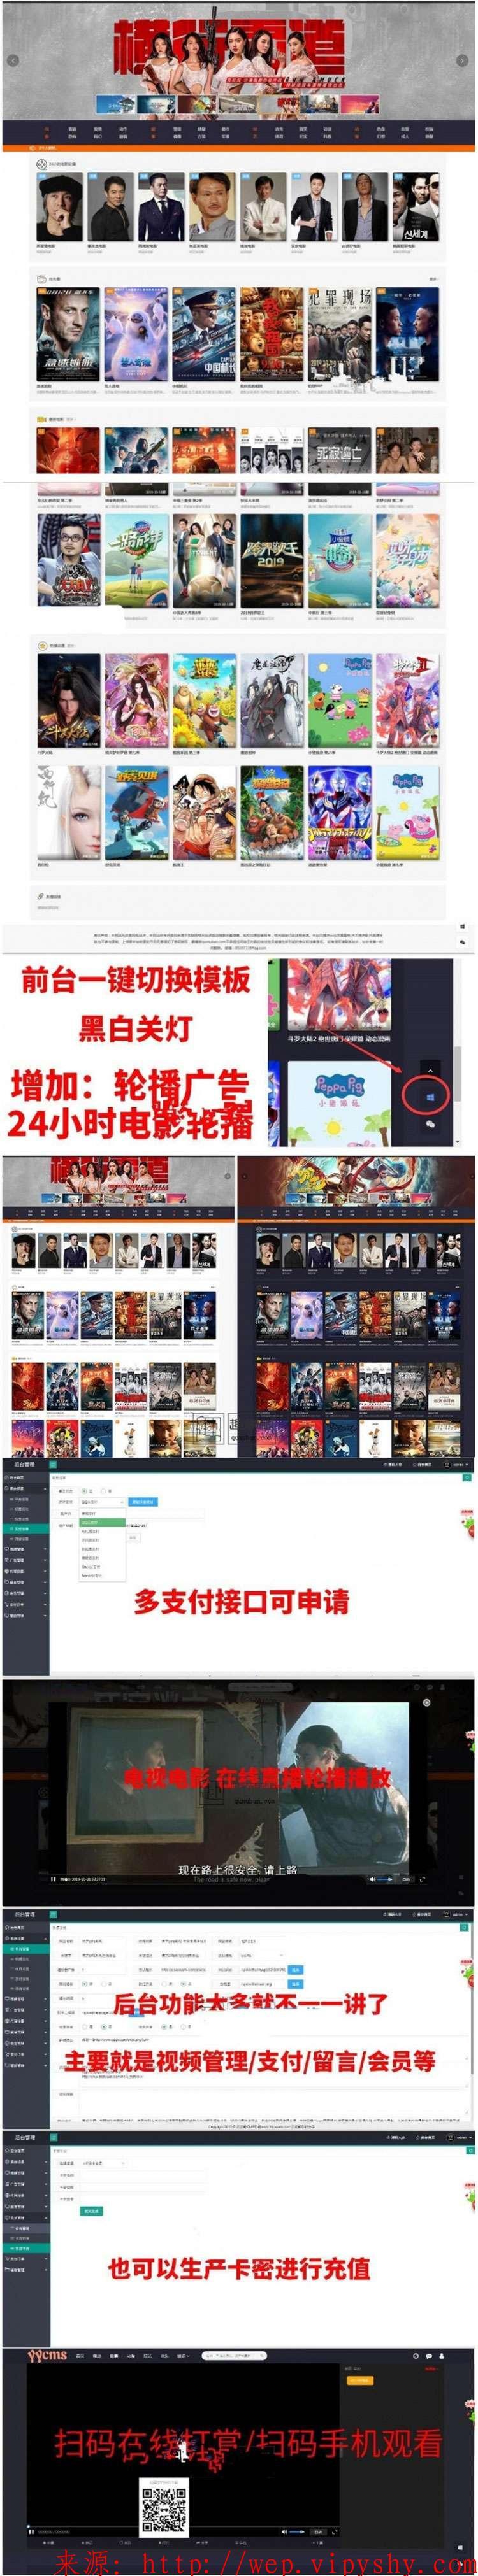 PHP影视源码带直播视频+免签约充值+打赏电影